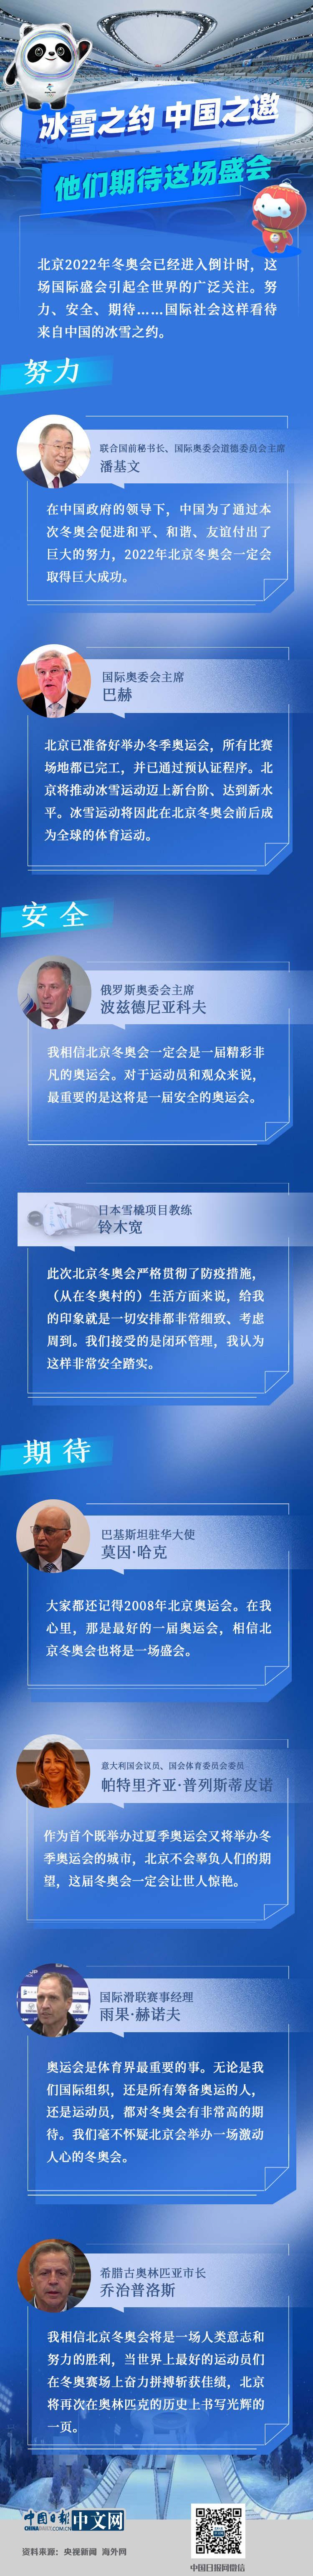 冰雪之约 中国之邀 | 他们期待这场盛会